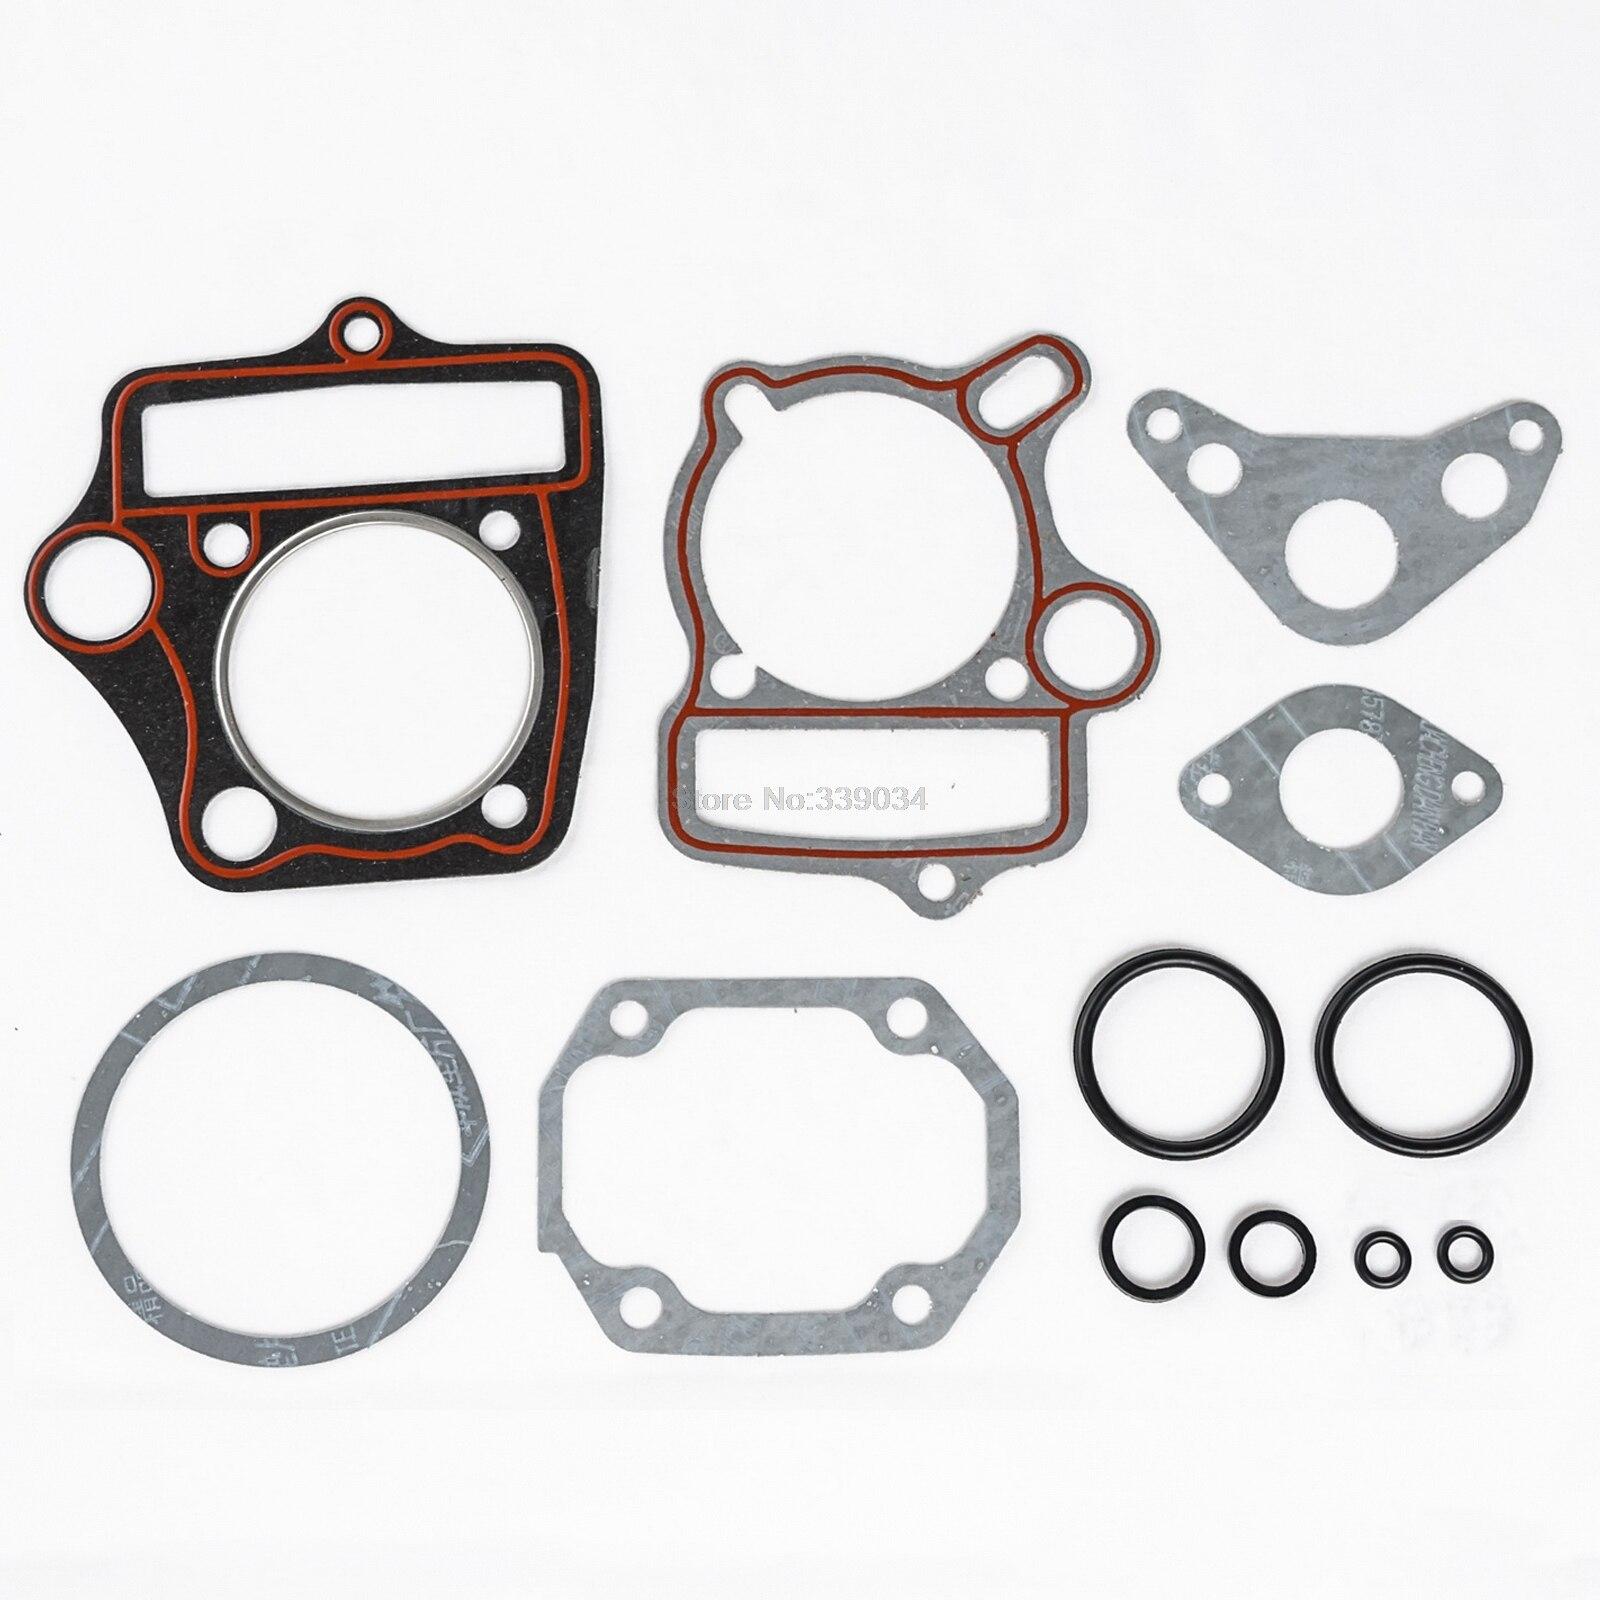 Horizontal Engine Cylinder New complete Gasket for 110cc ATV Dirt Bike Go Kart